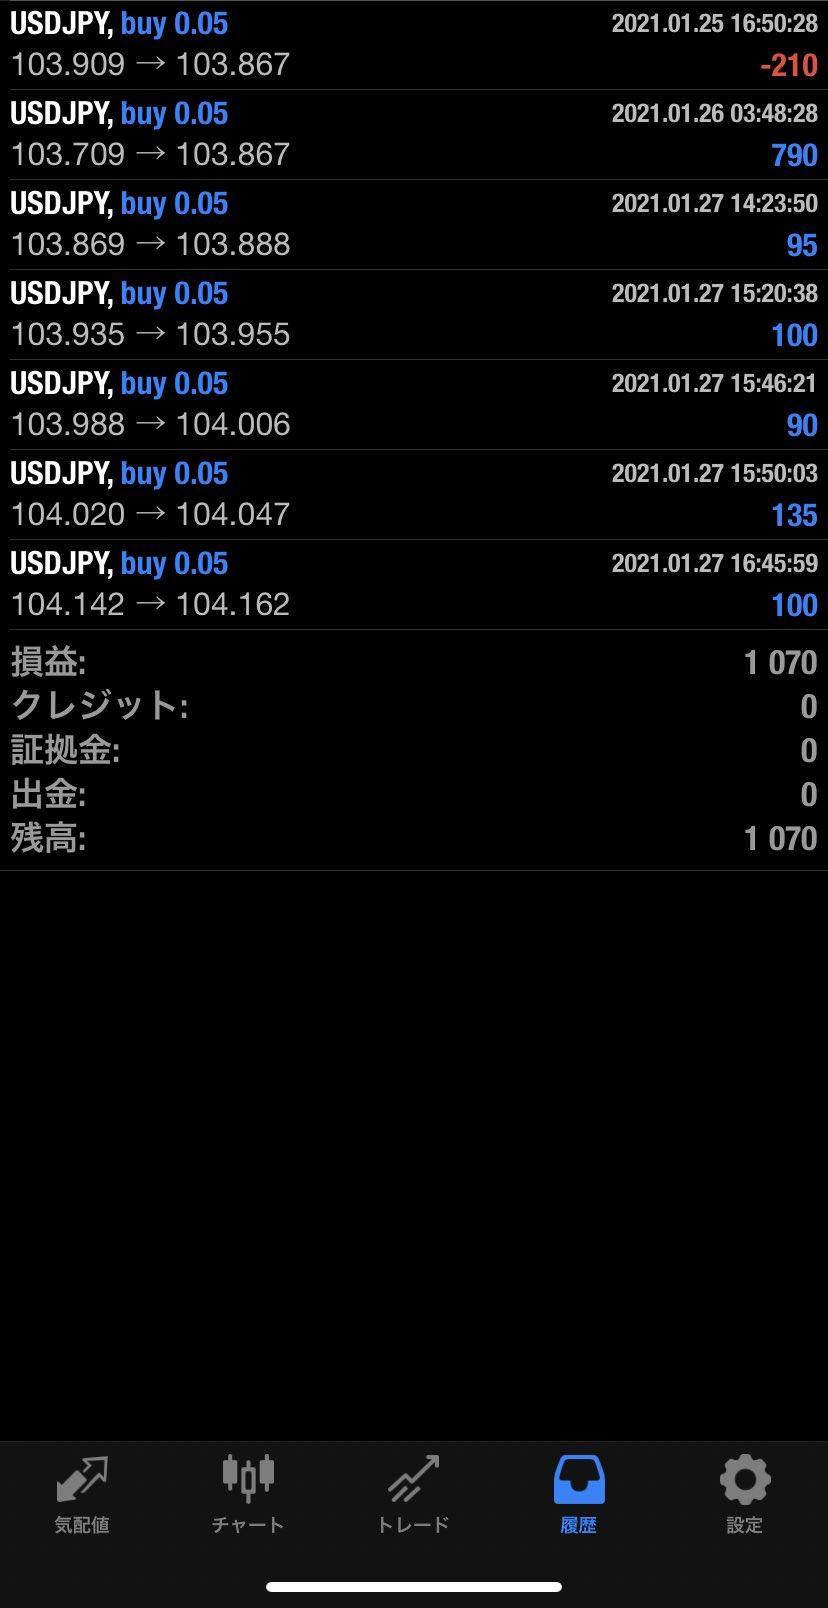 2021年1月27日 USD/JPYバージョン1,070円